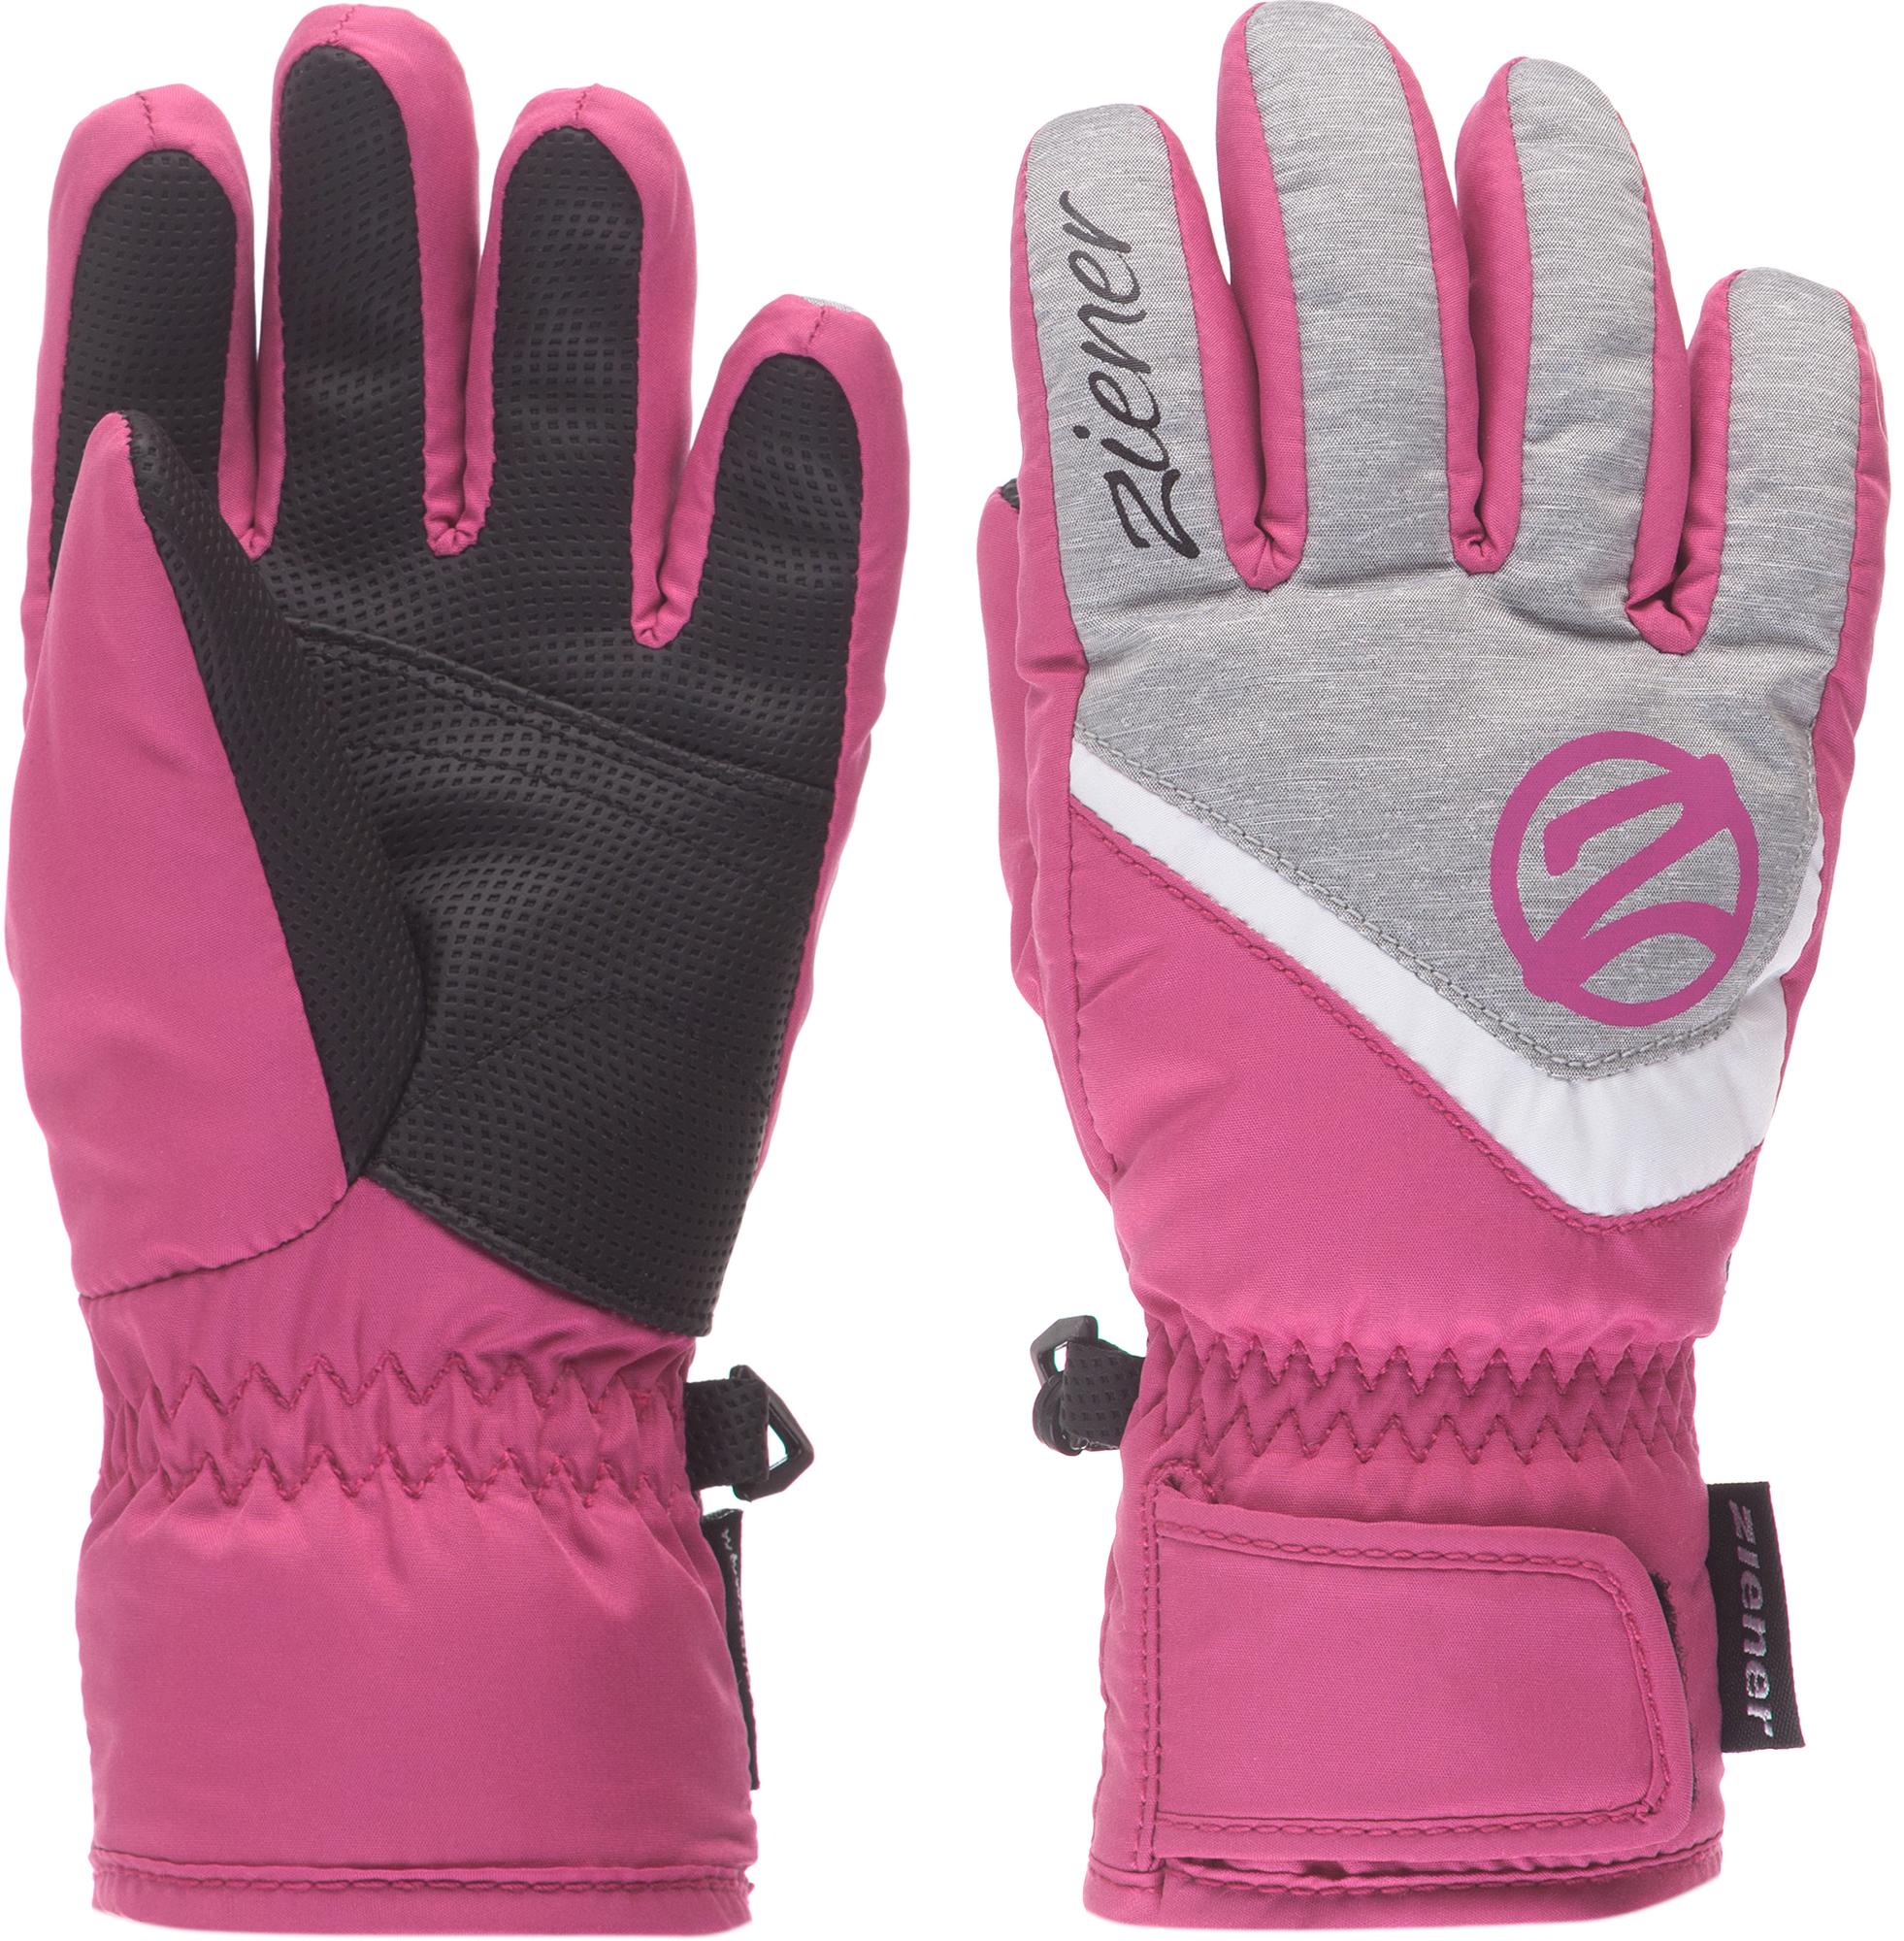 Ziener Перчатки для девочек Lorik, размер 5,5